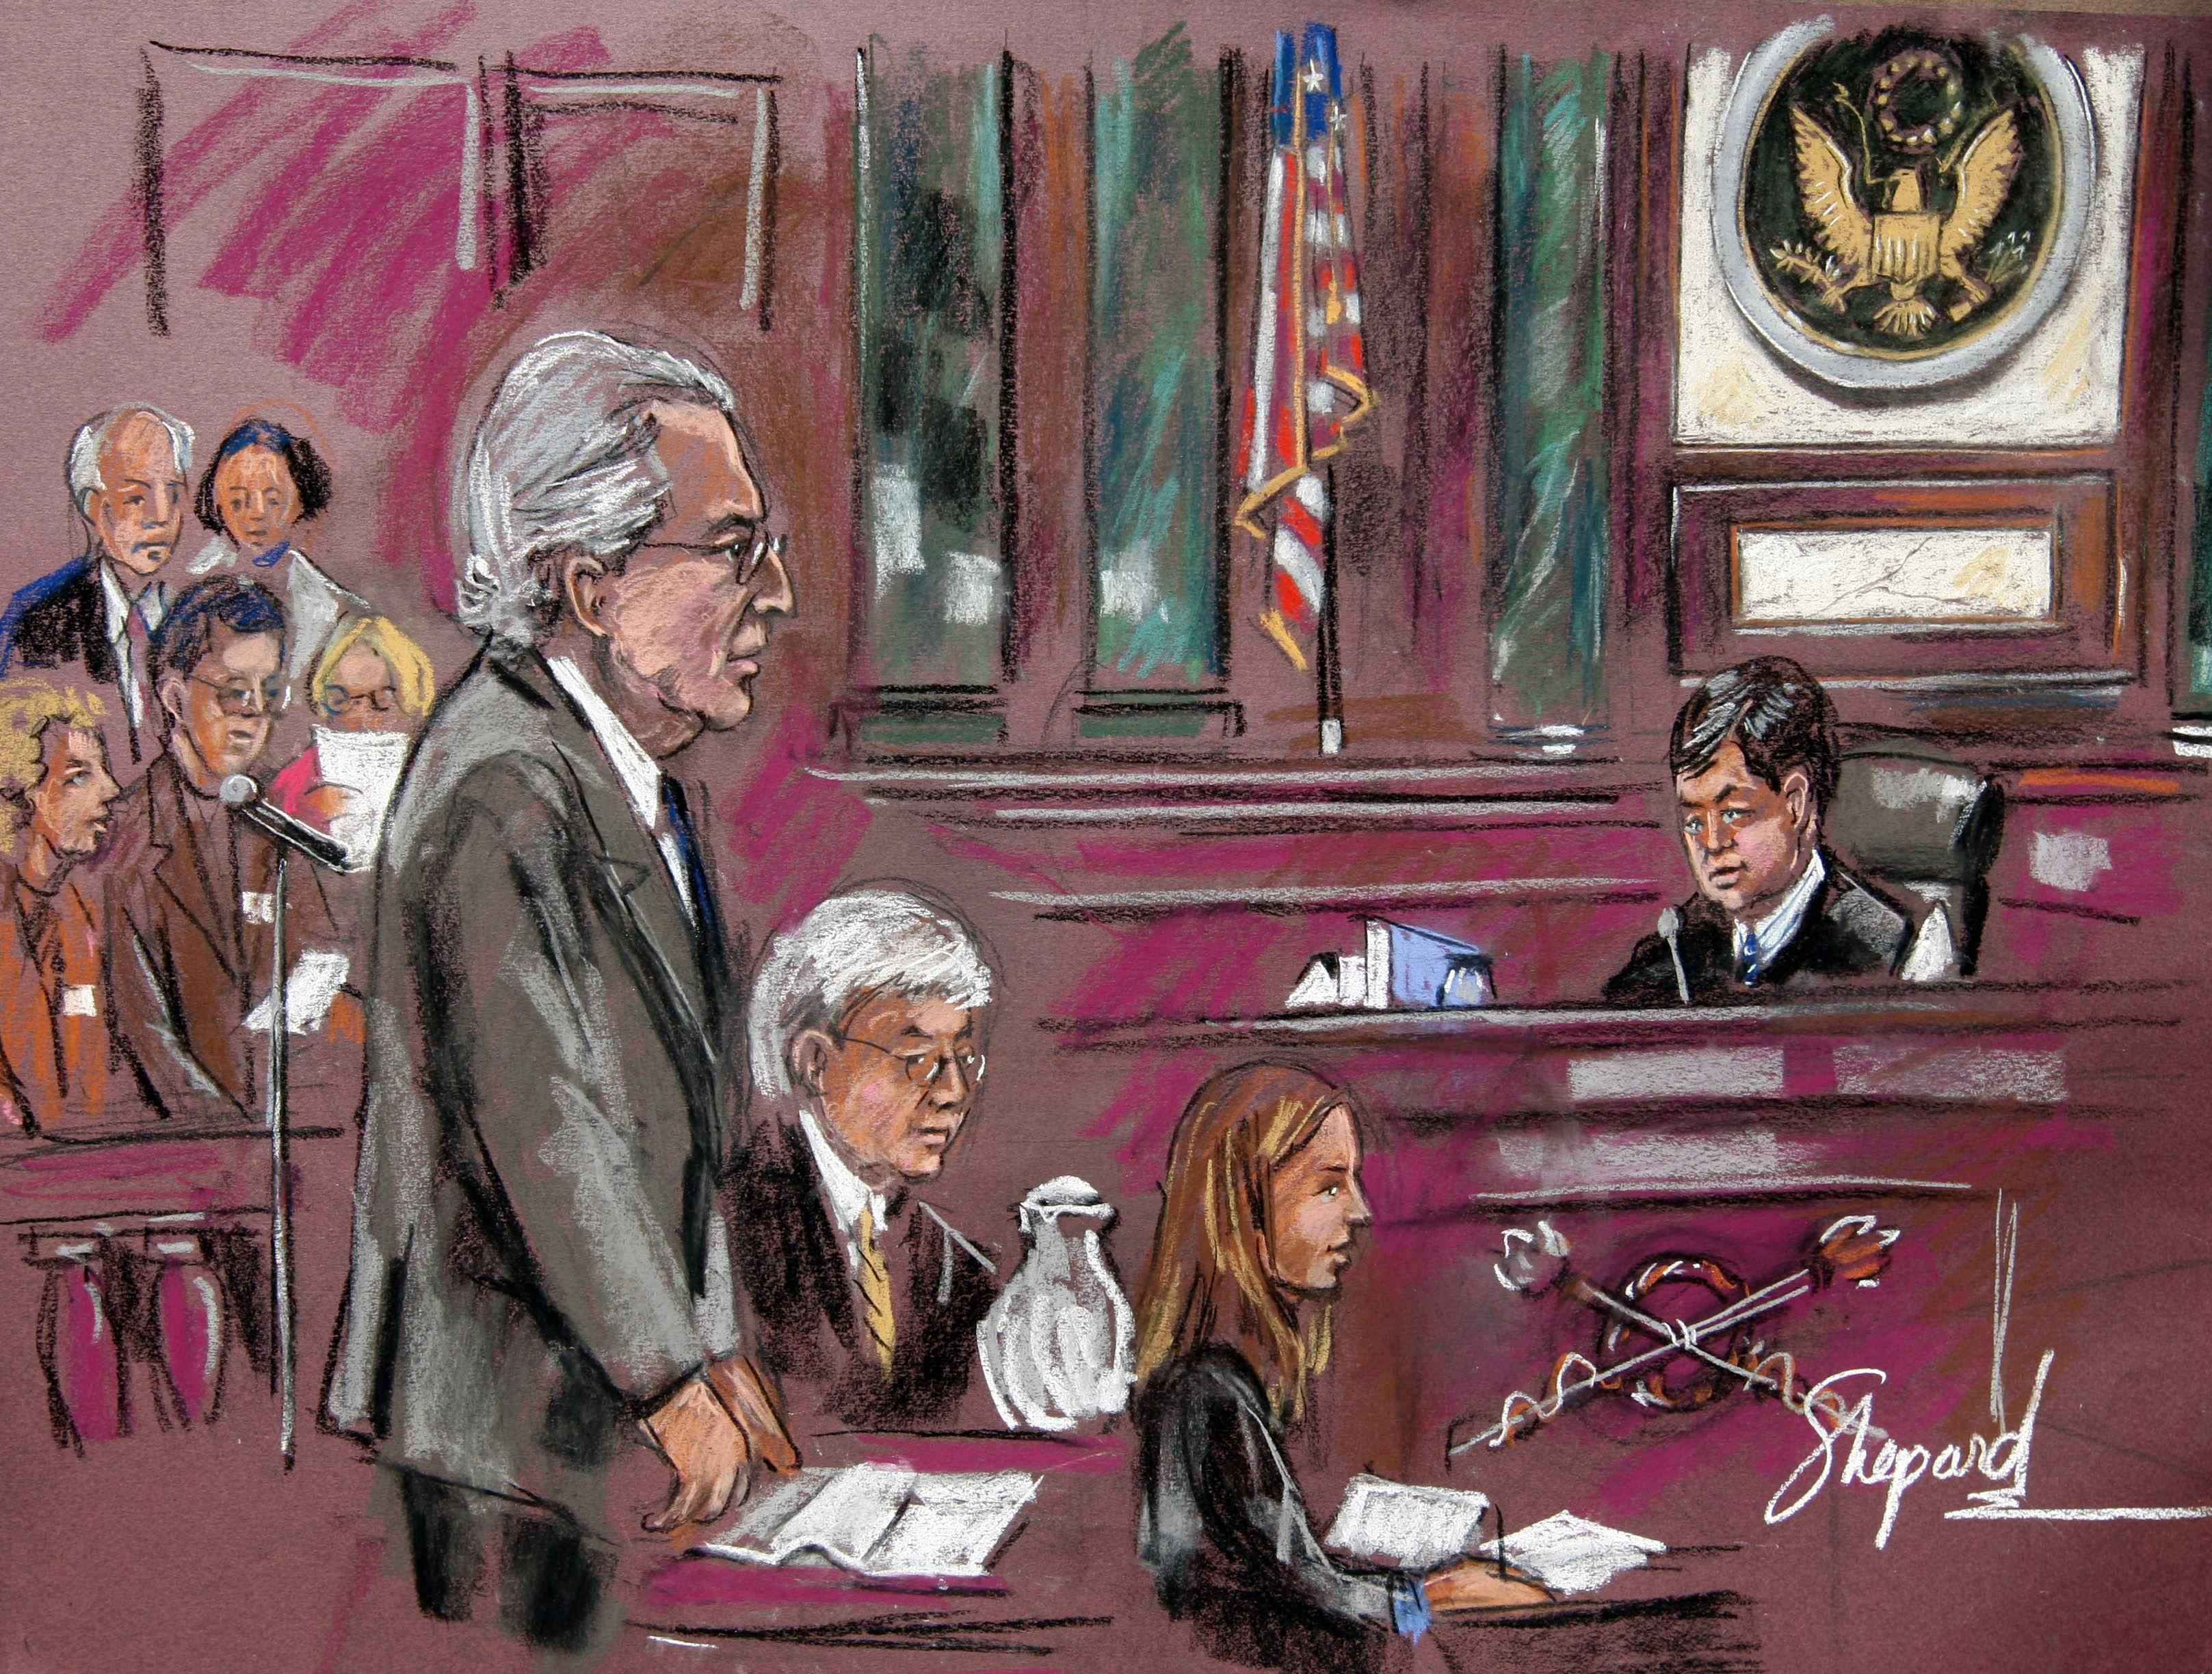 Создатель финансовой пирамиды века Бернард Мэдофф в суде Нью-Йорка